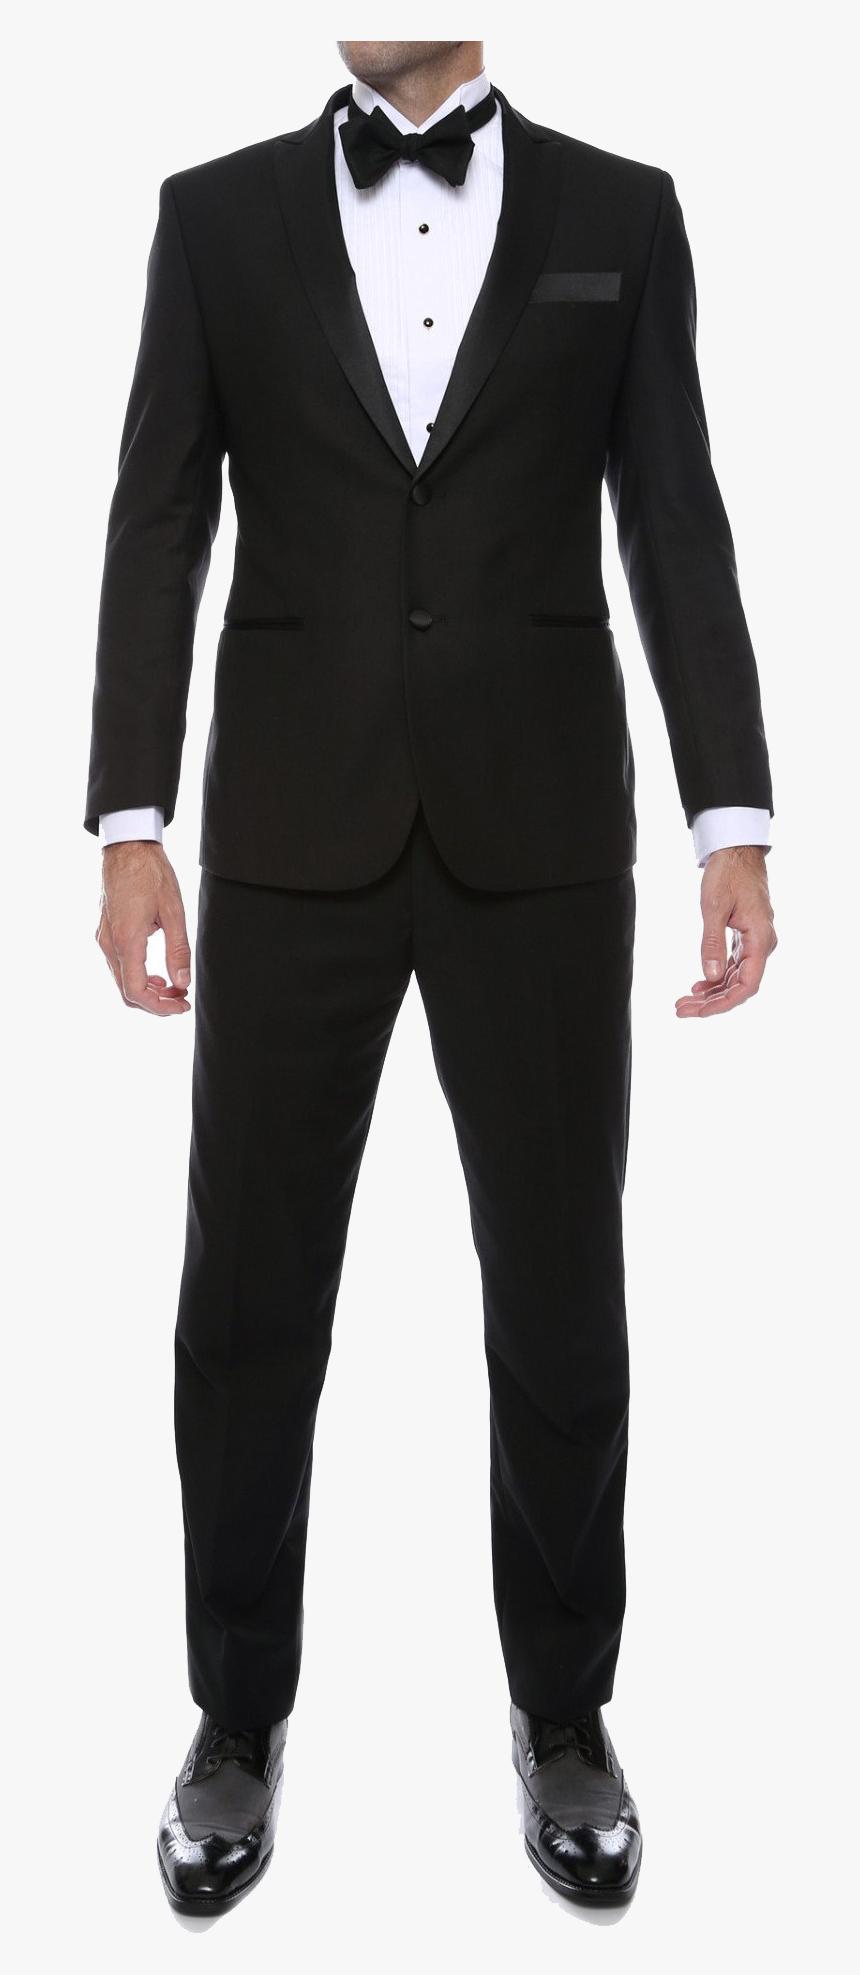 Suit Transparent Background , Man In Suit Transparent